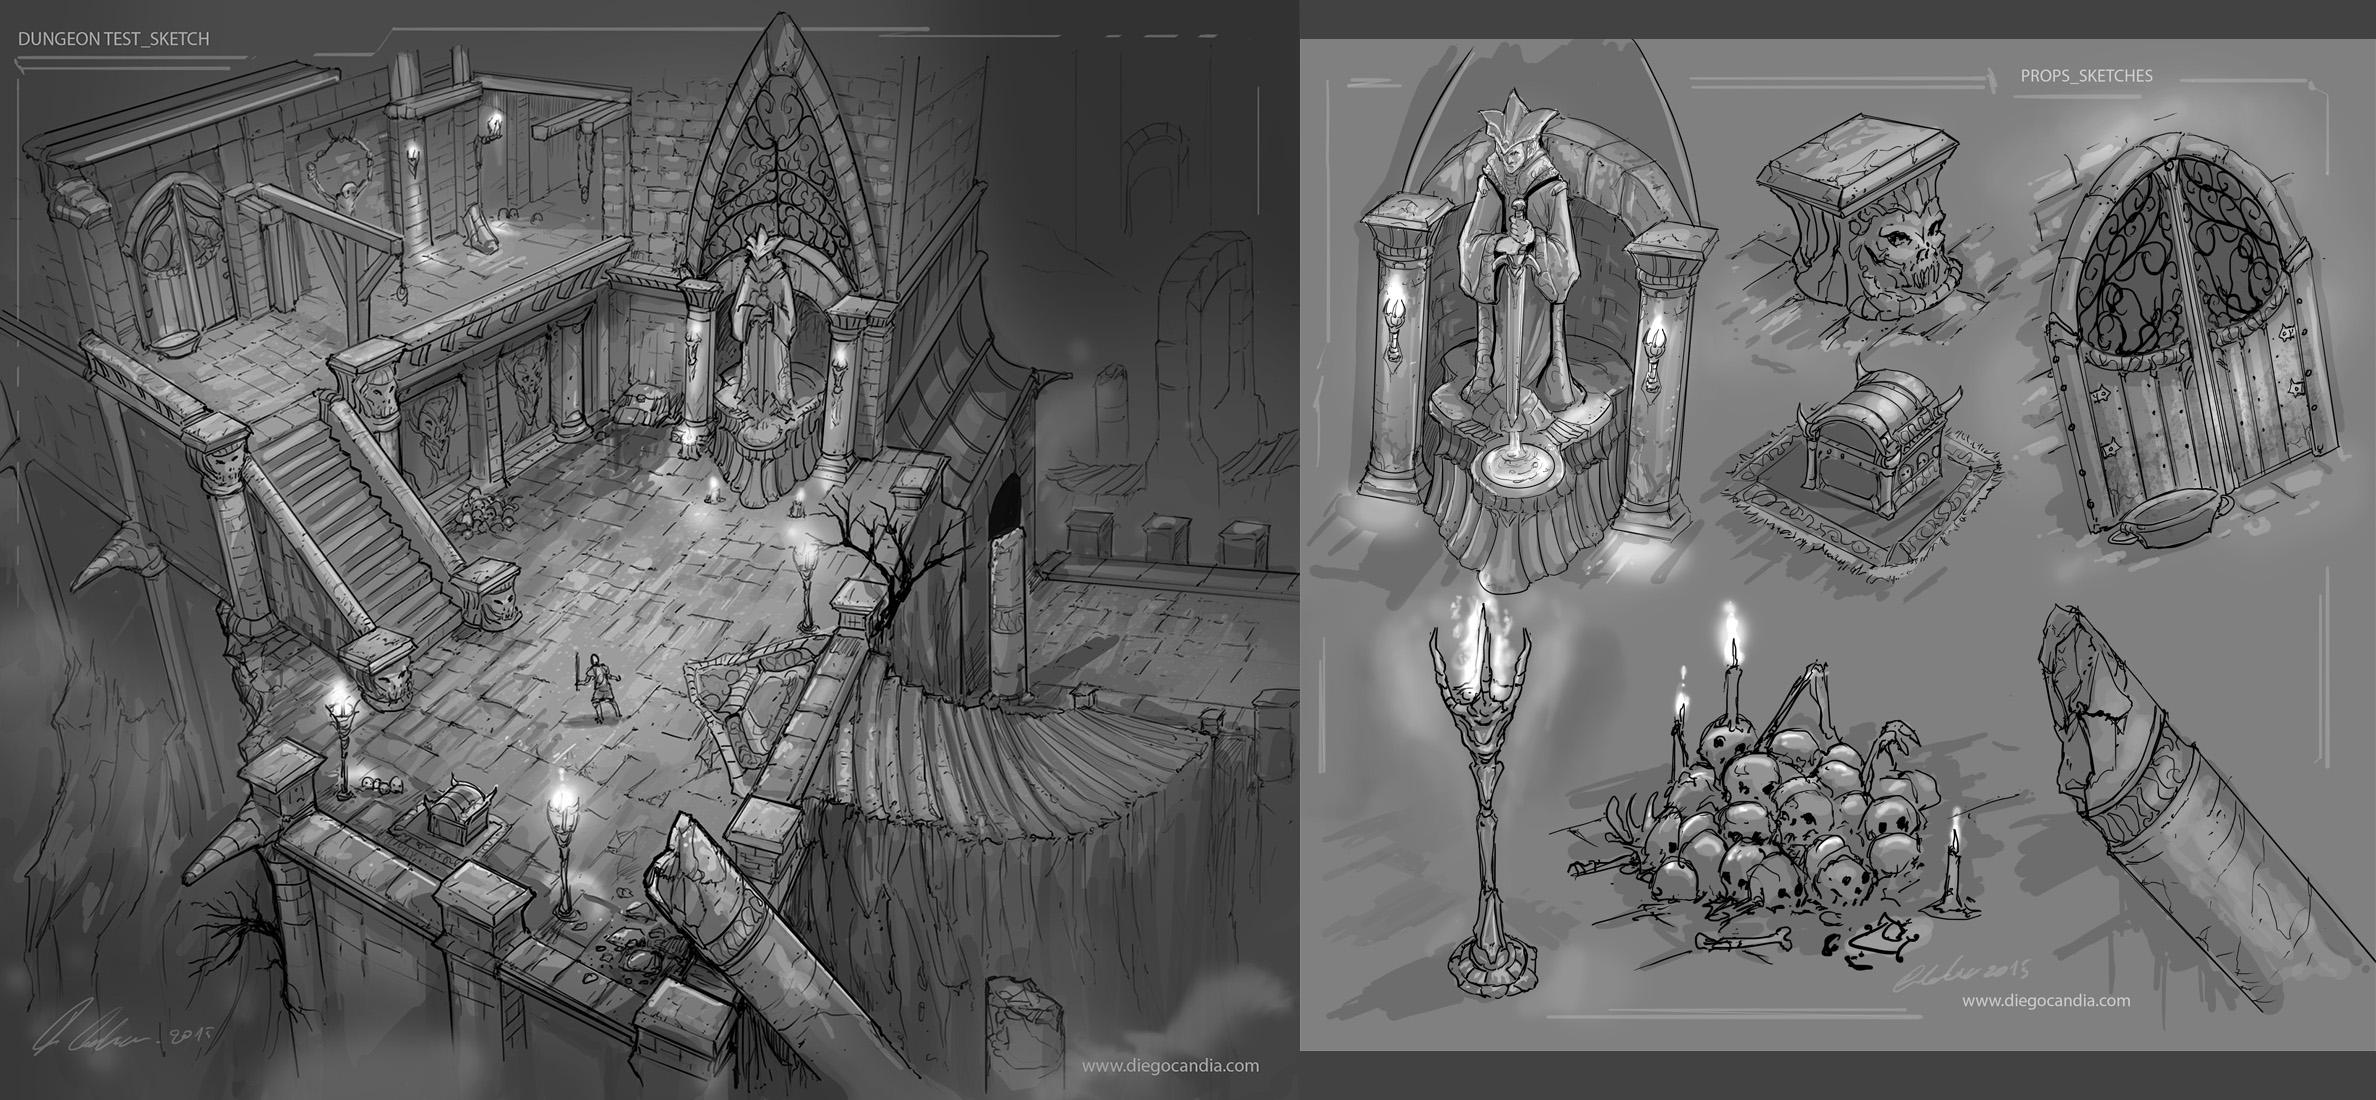 Dungeon_art_test1_sketch_all.jpg